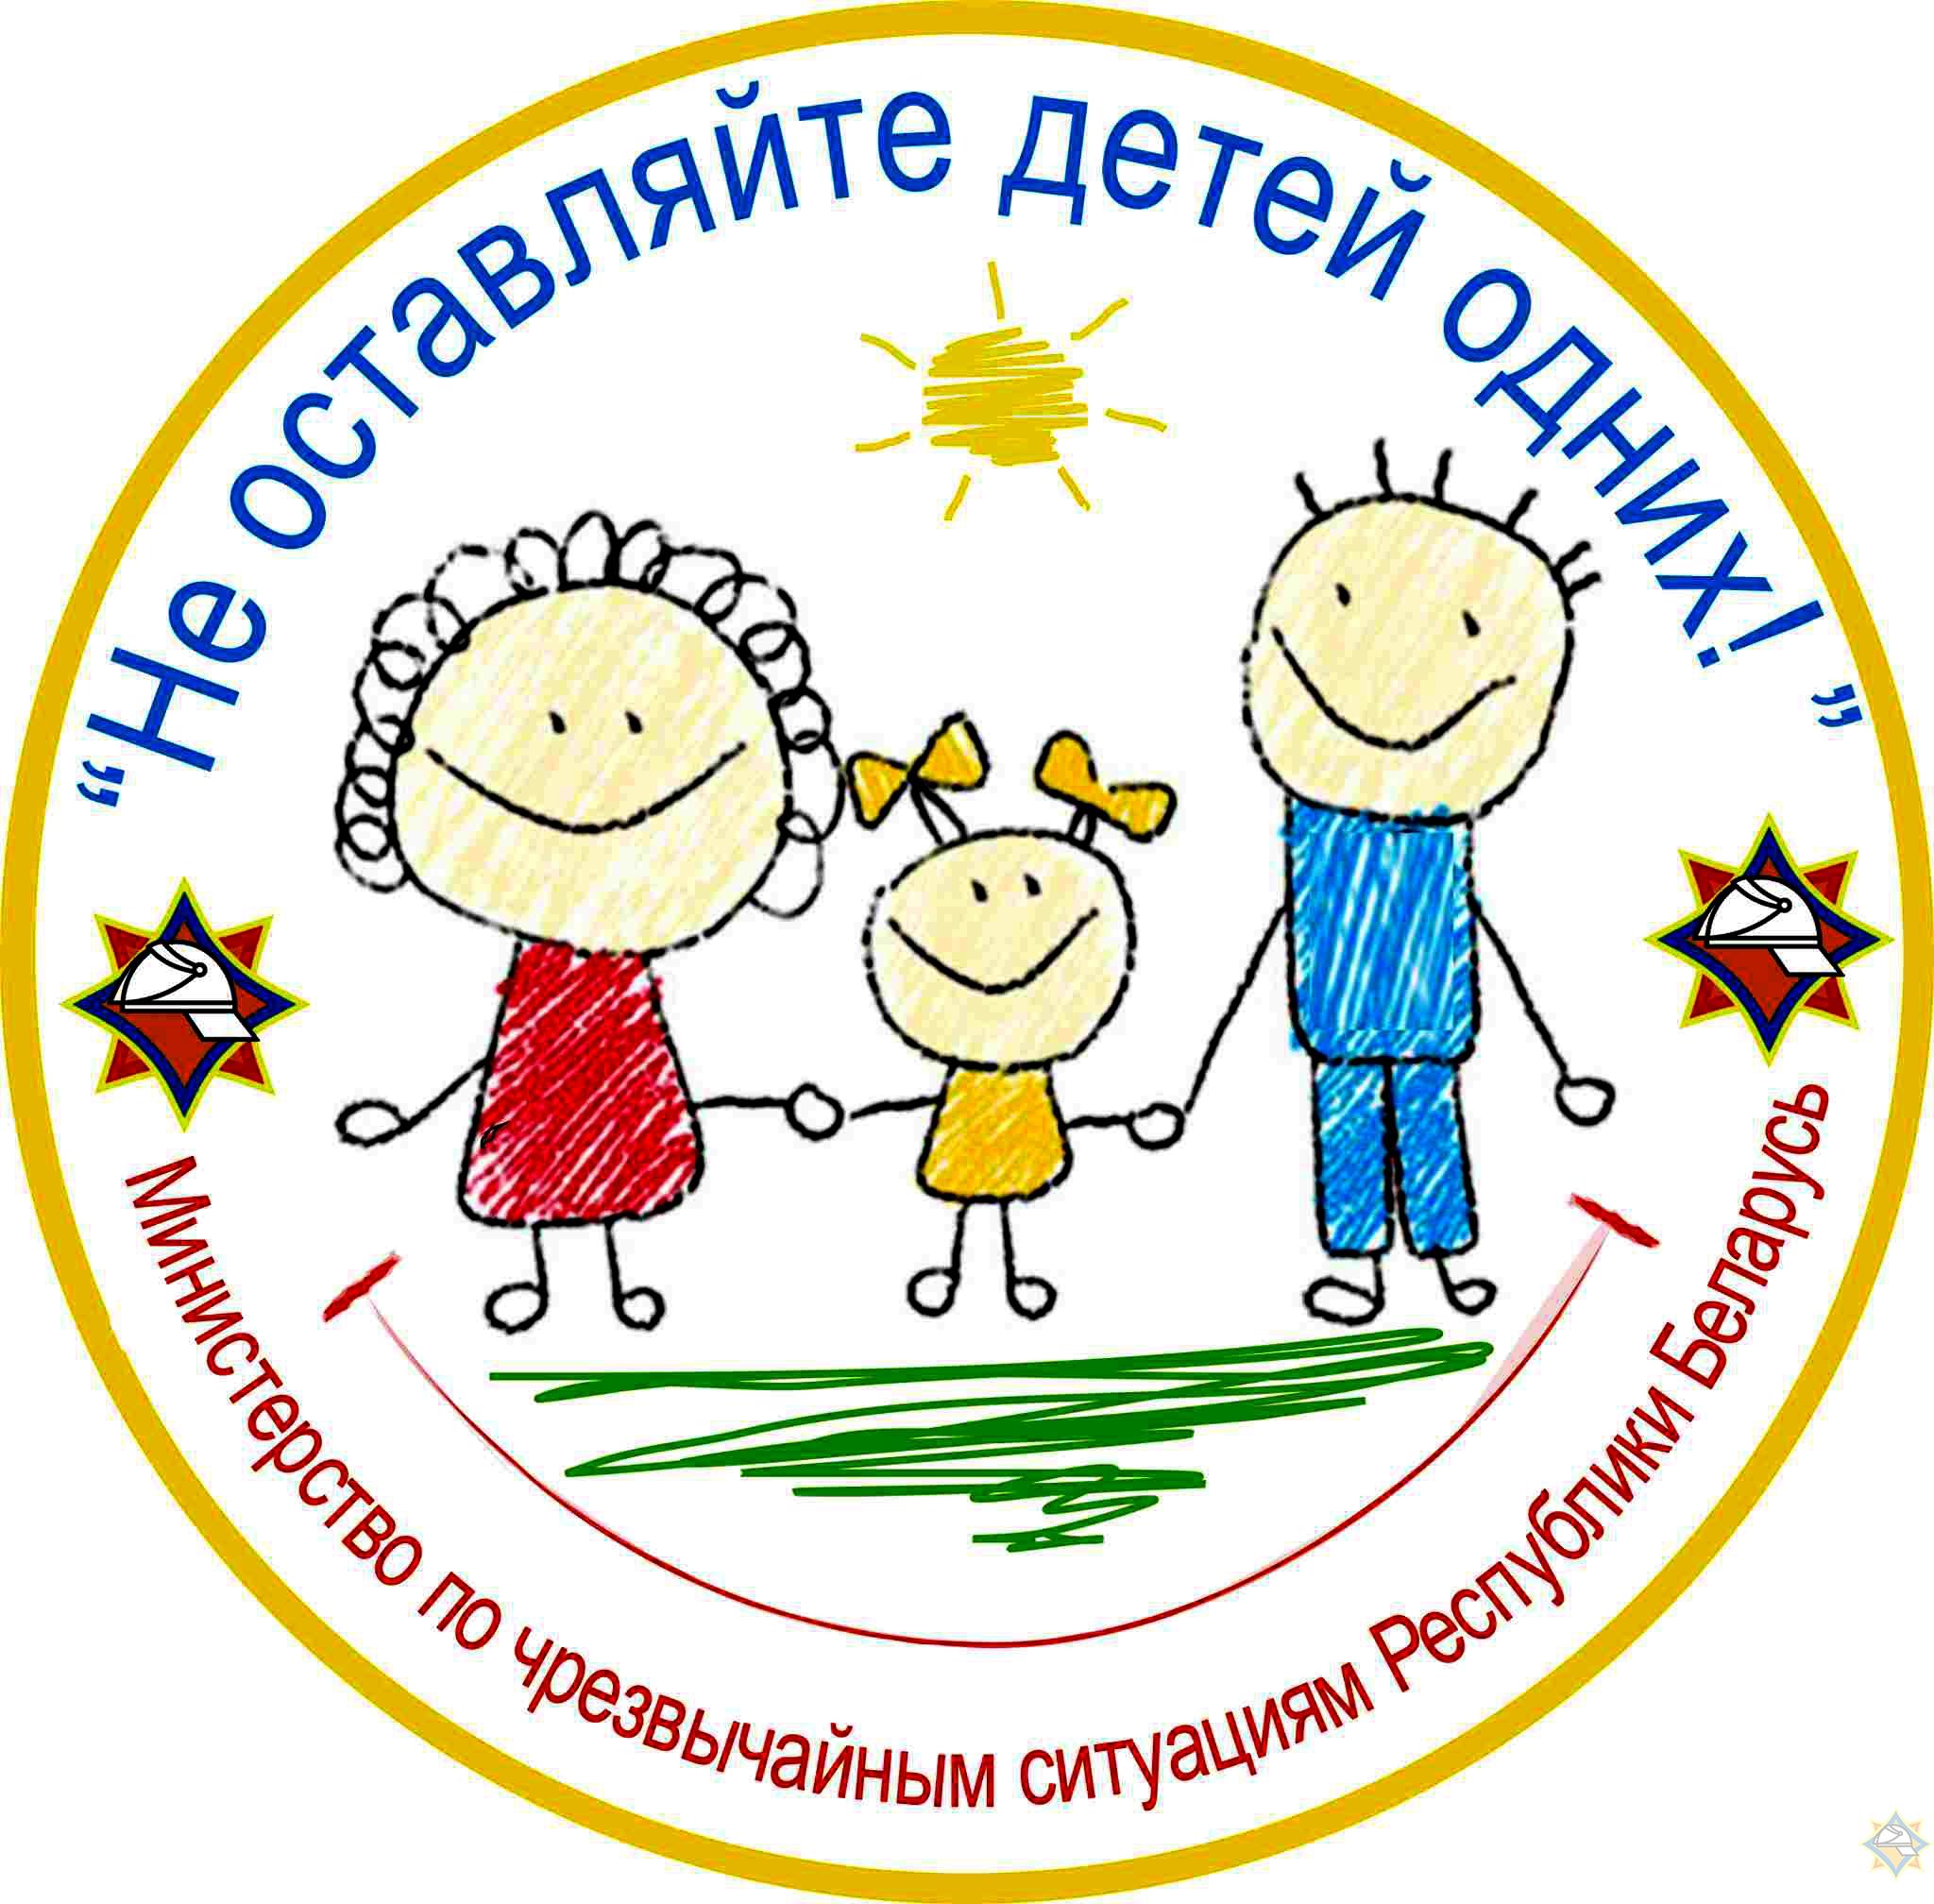 Республиканская акция МЧС «Не оставляйте детей одних!» проходит в Беларуси. Завершится она в первый день лета.